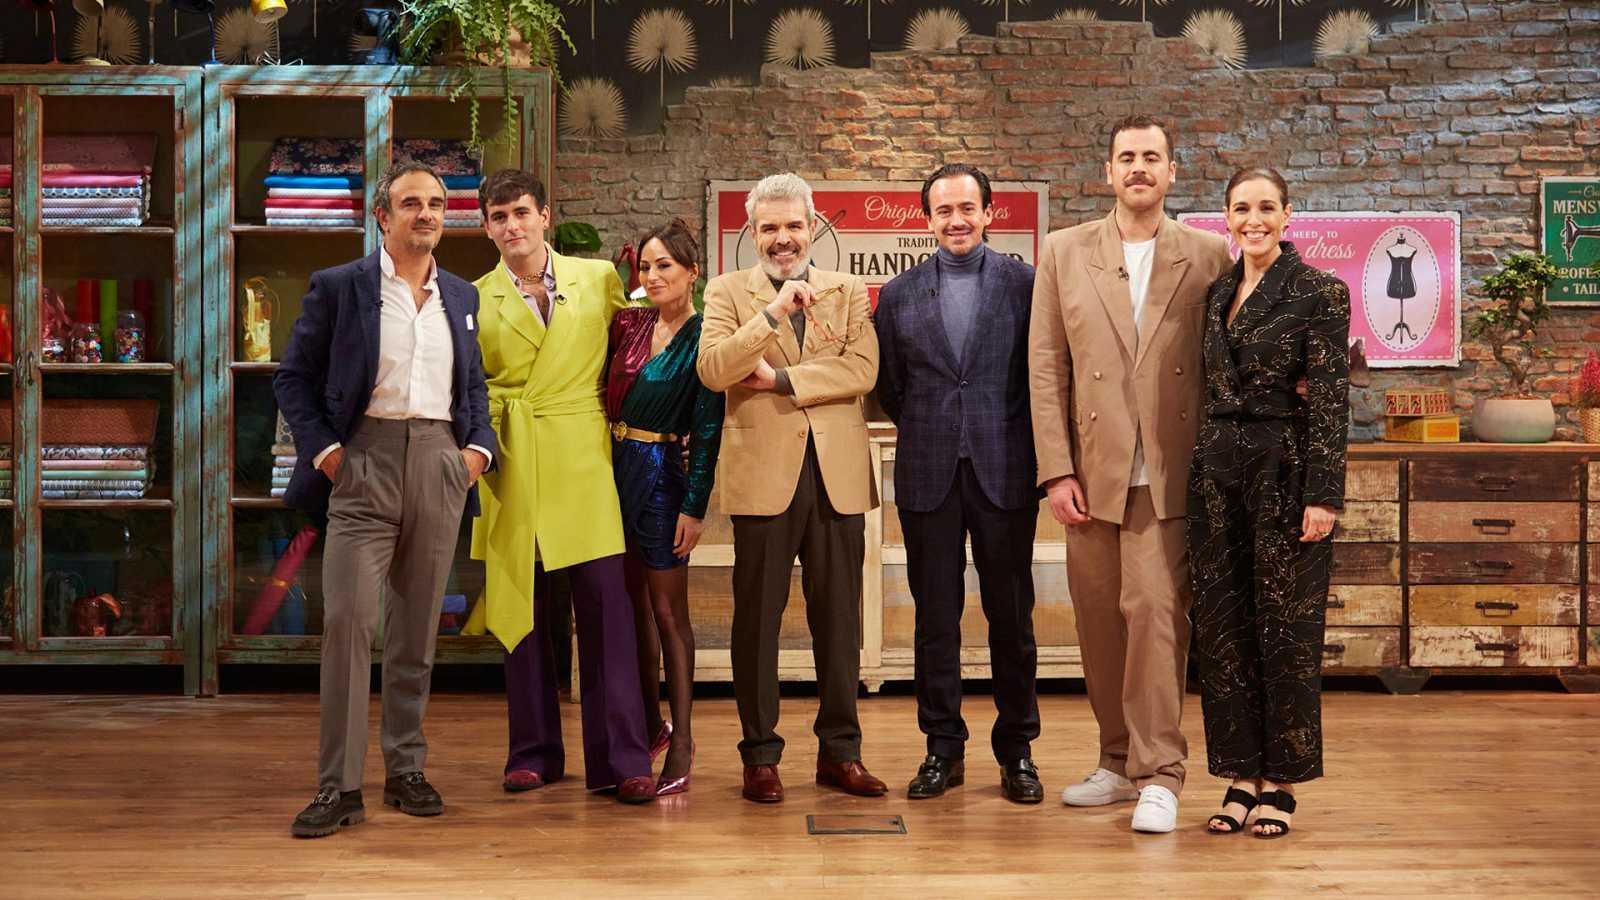 Maestros de la costura - Temporada 4 - Programa 7 - Ver ahora